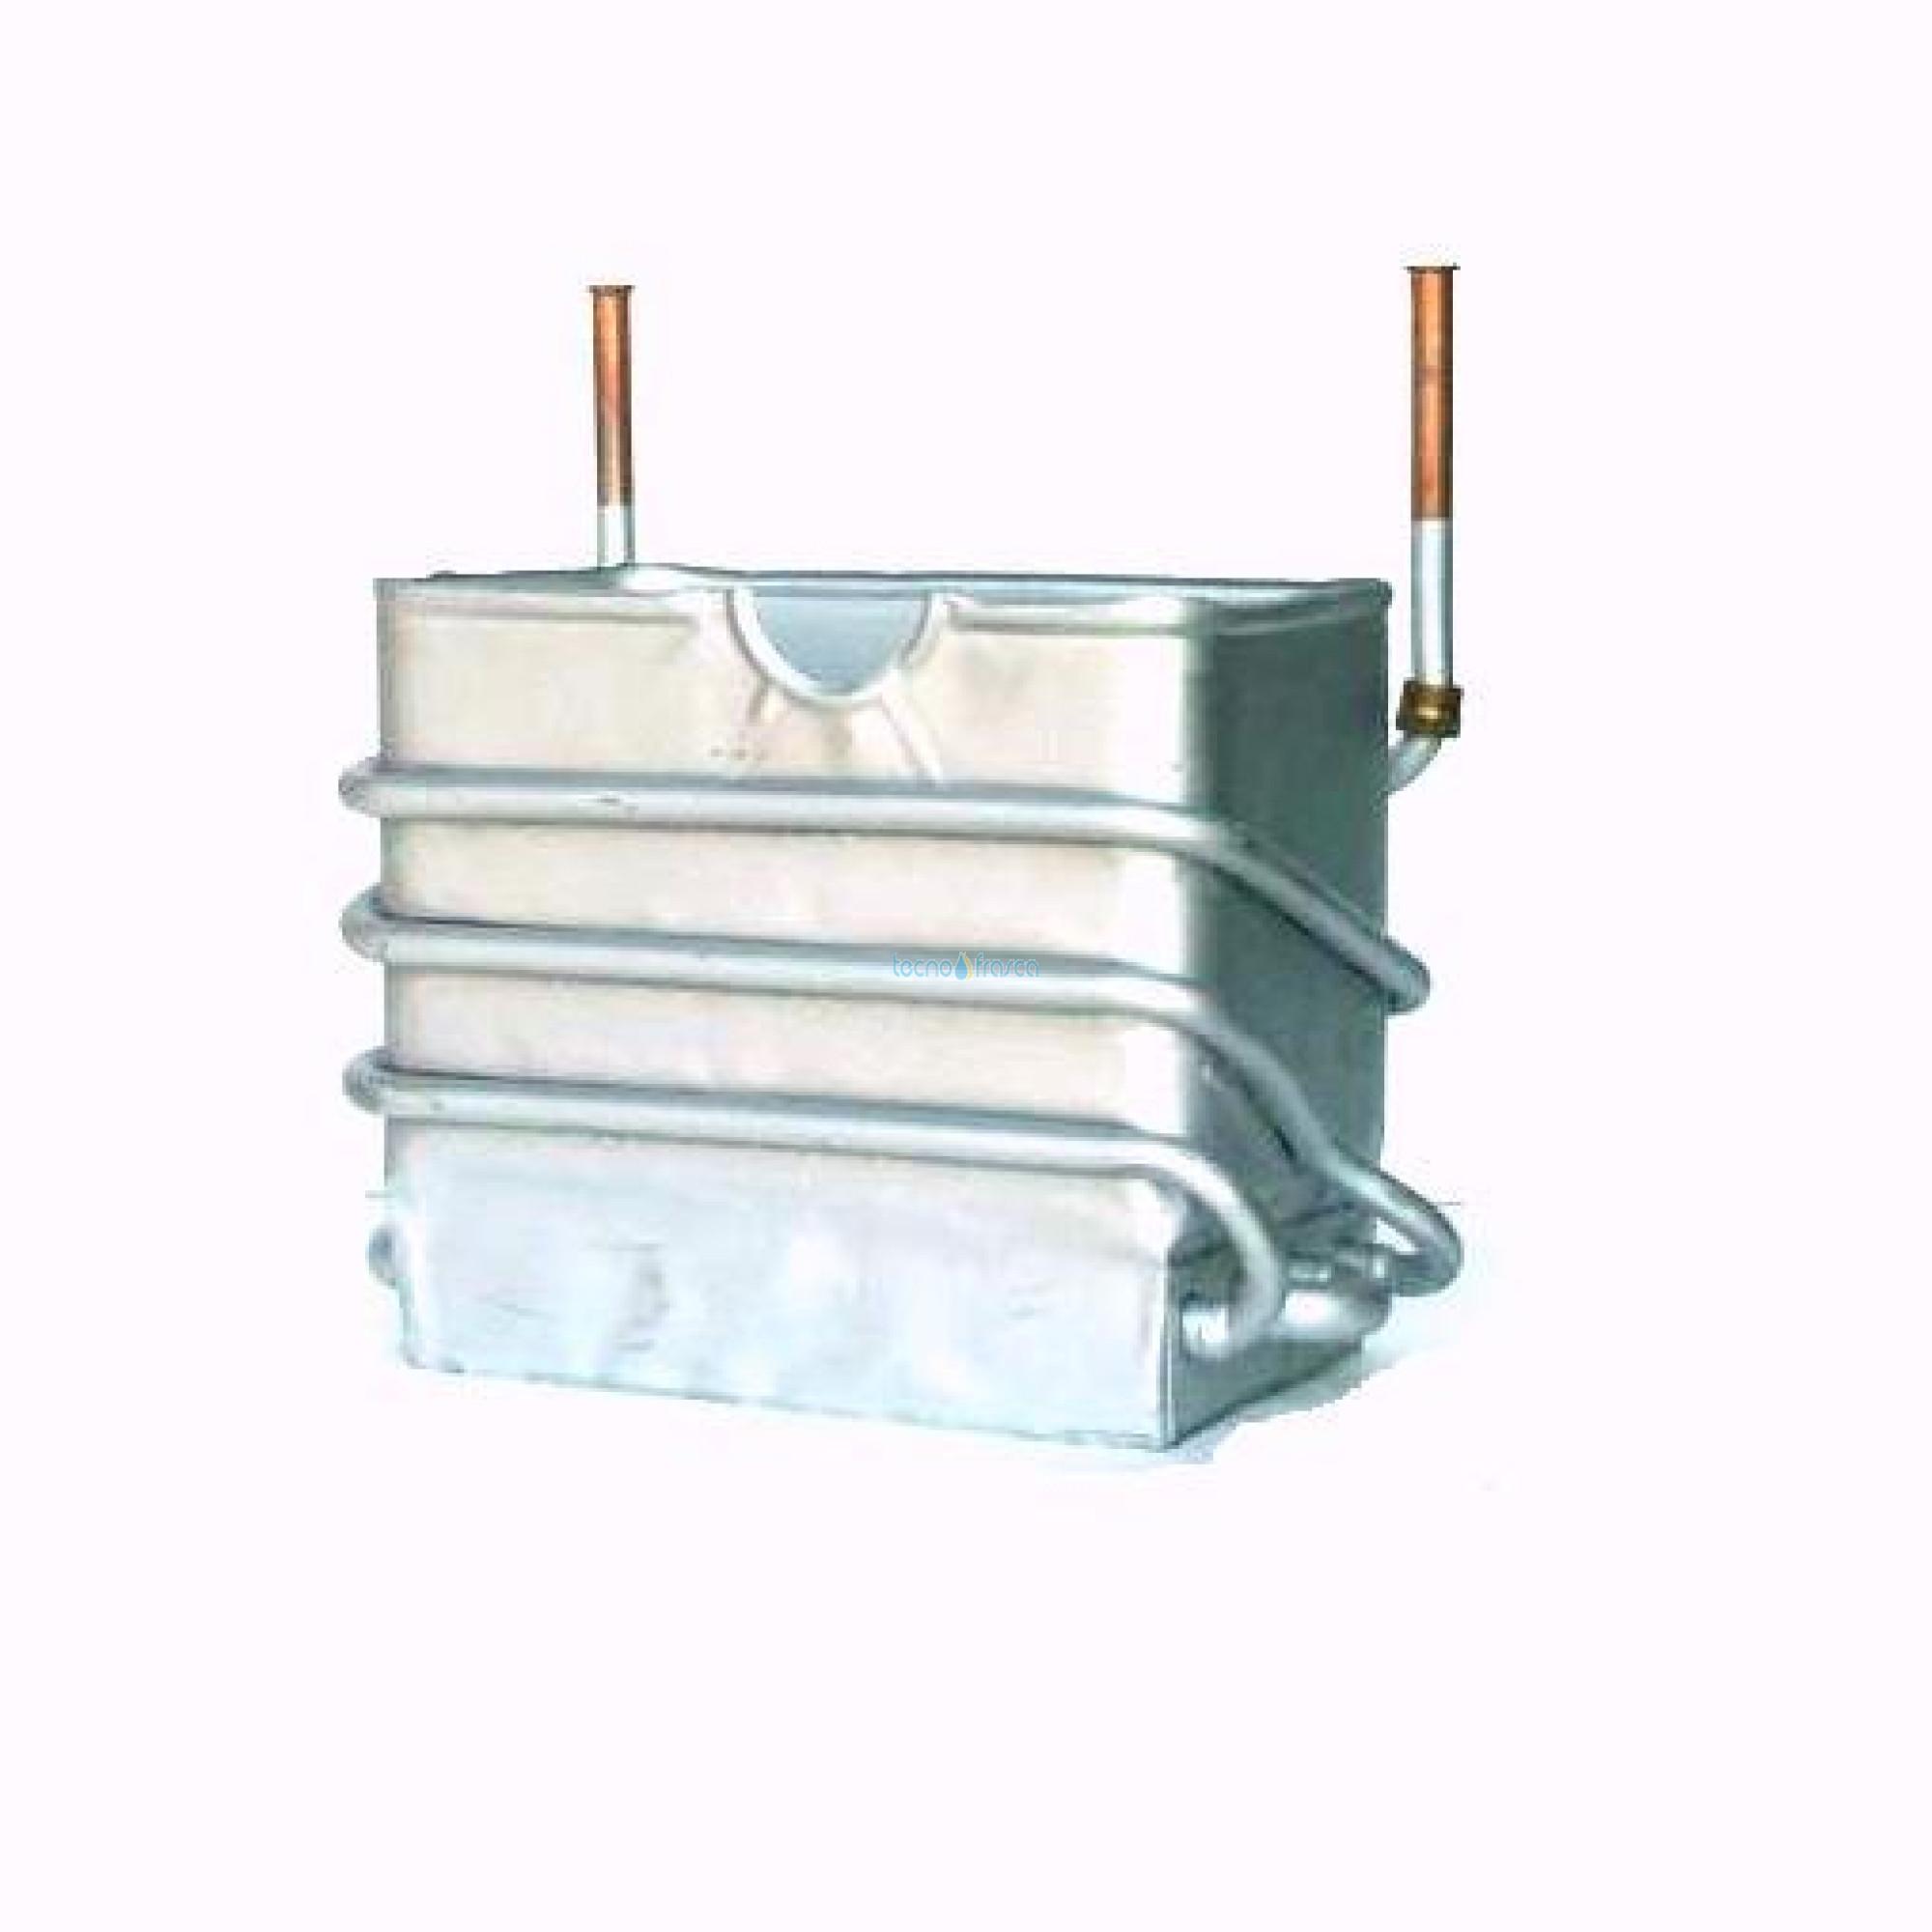 Scambiatore bulex lt10 c3